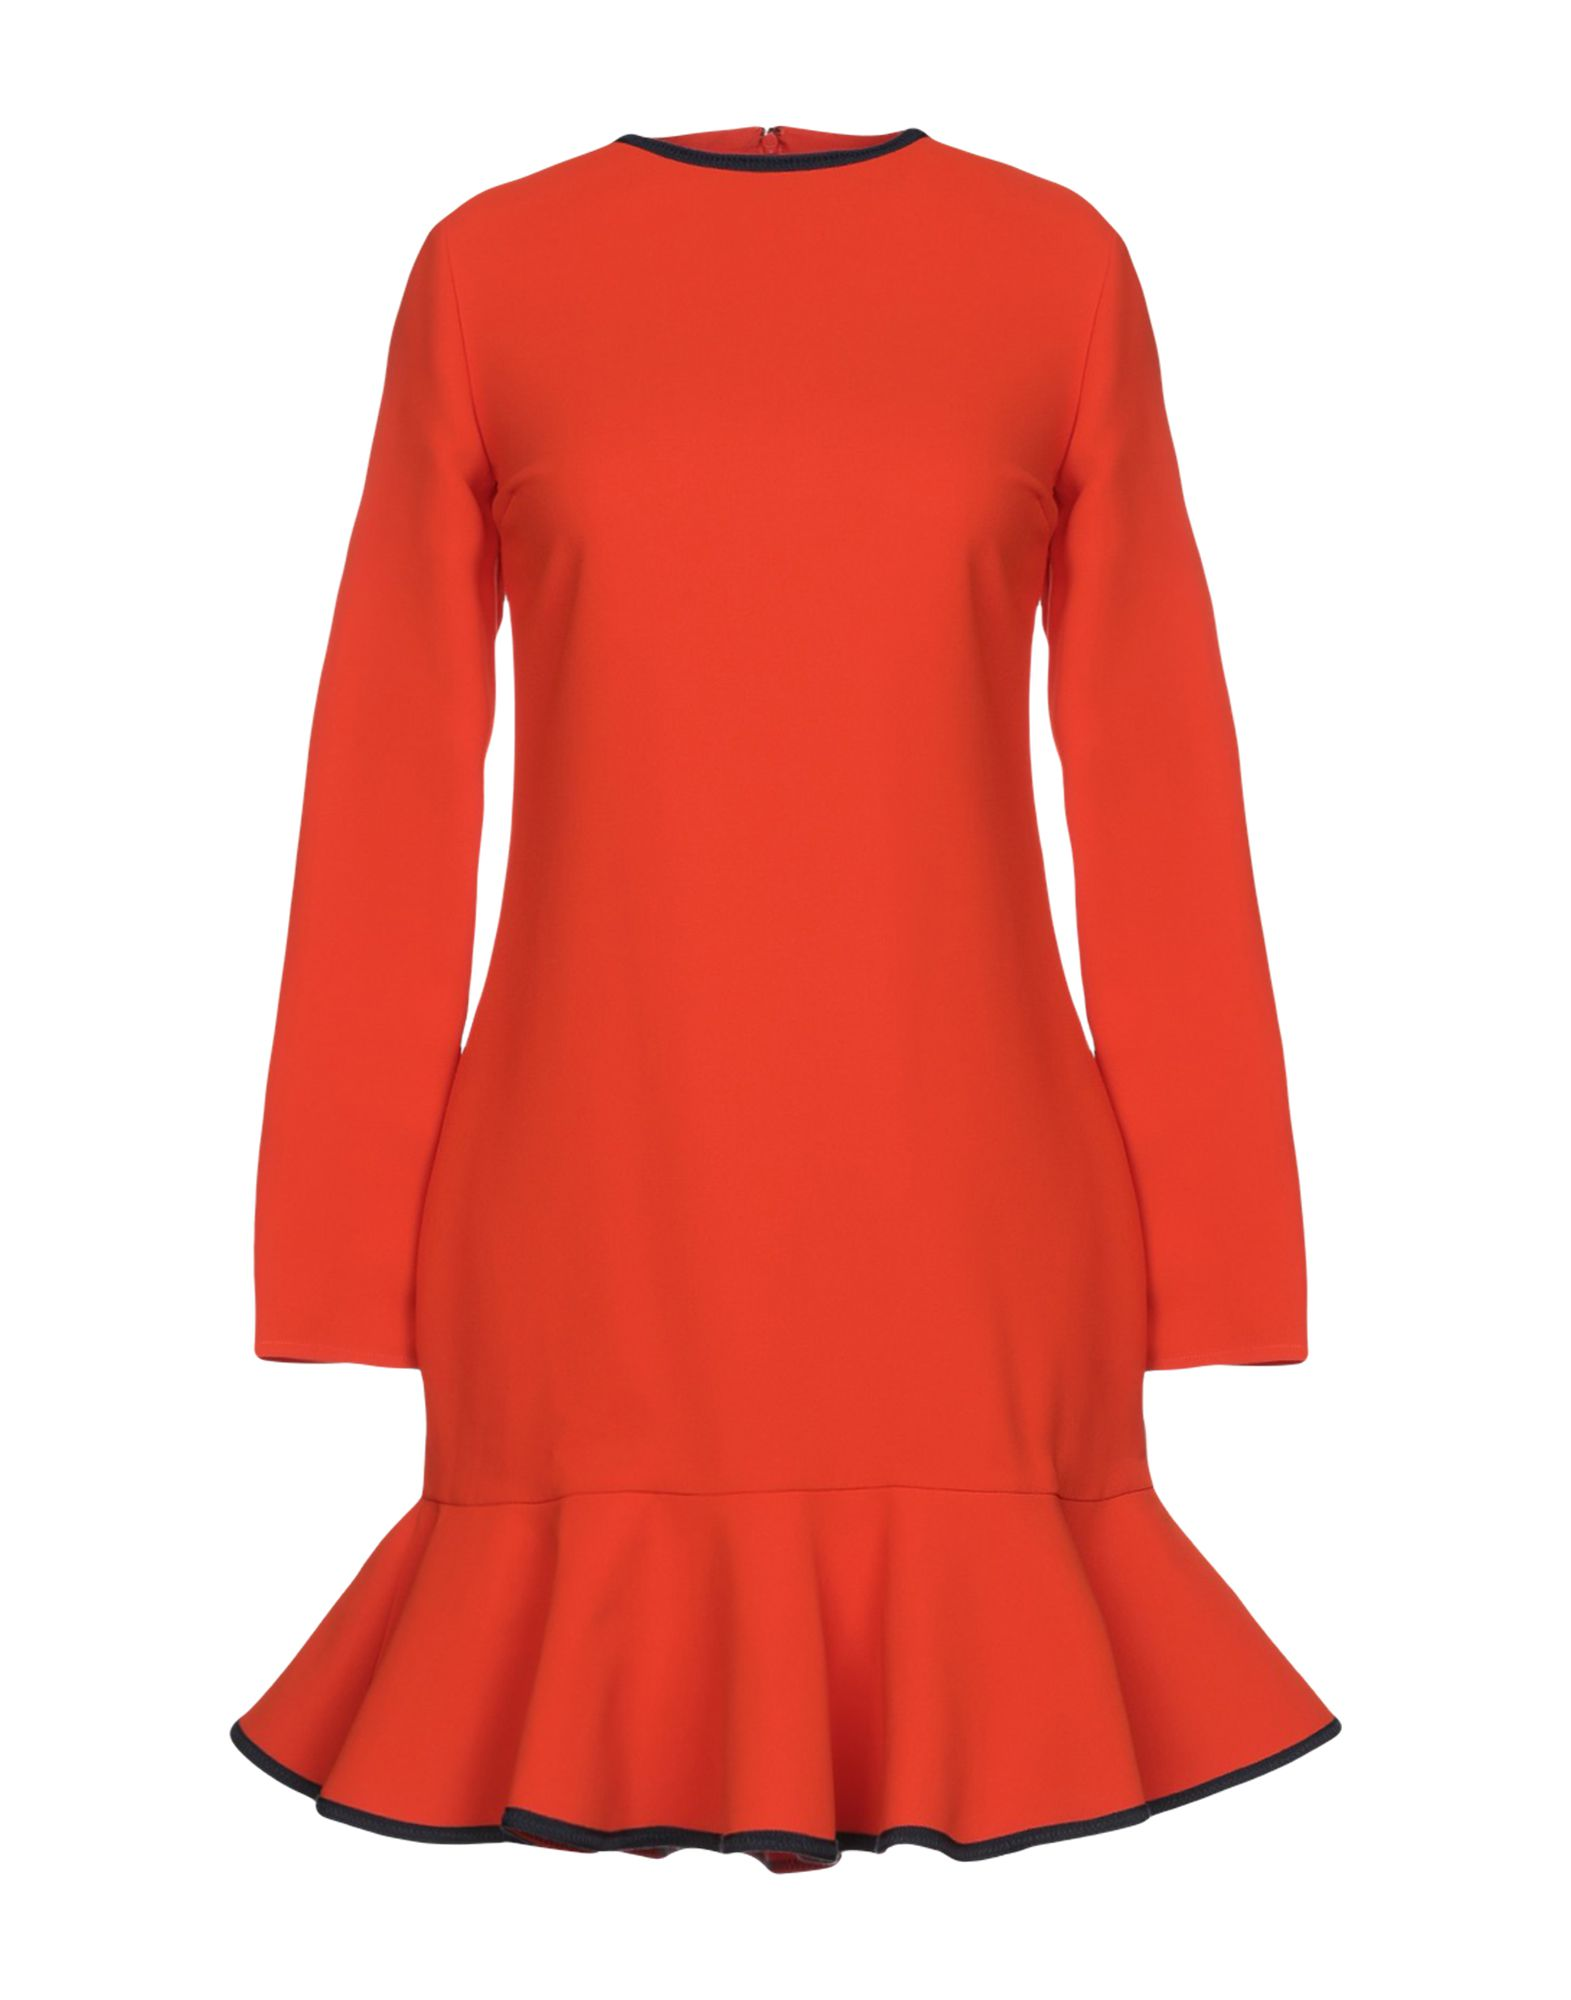 VICTORIA, VICTORIA BECKHAM Короткое платье victoria обувь для активного отдыха victoria vca106664 зеленый